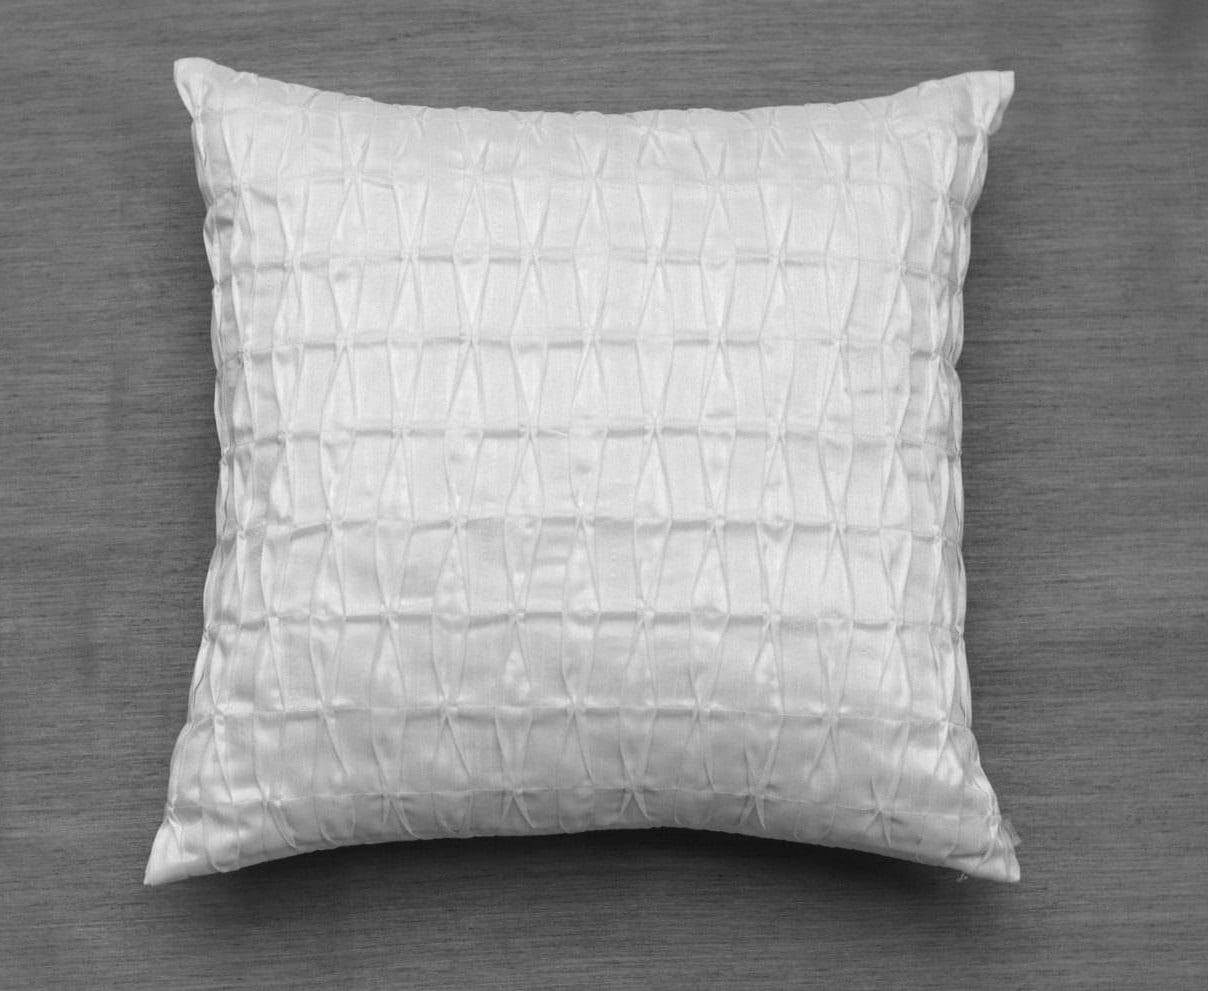 Decorative Pillow Texture : White Throw PillowsWhite Decorative PillowsTextured